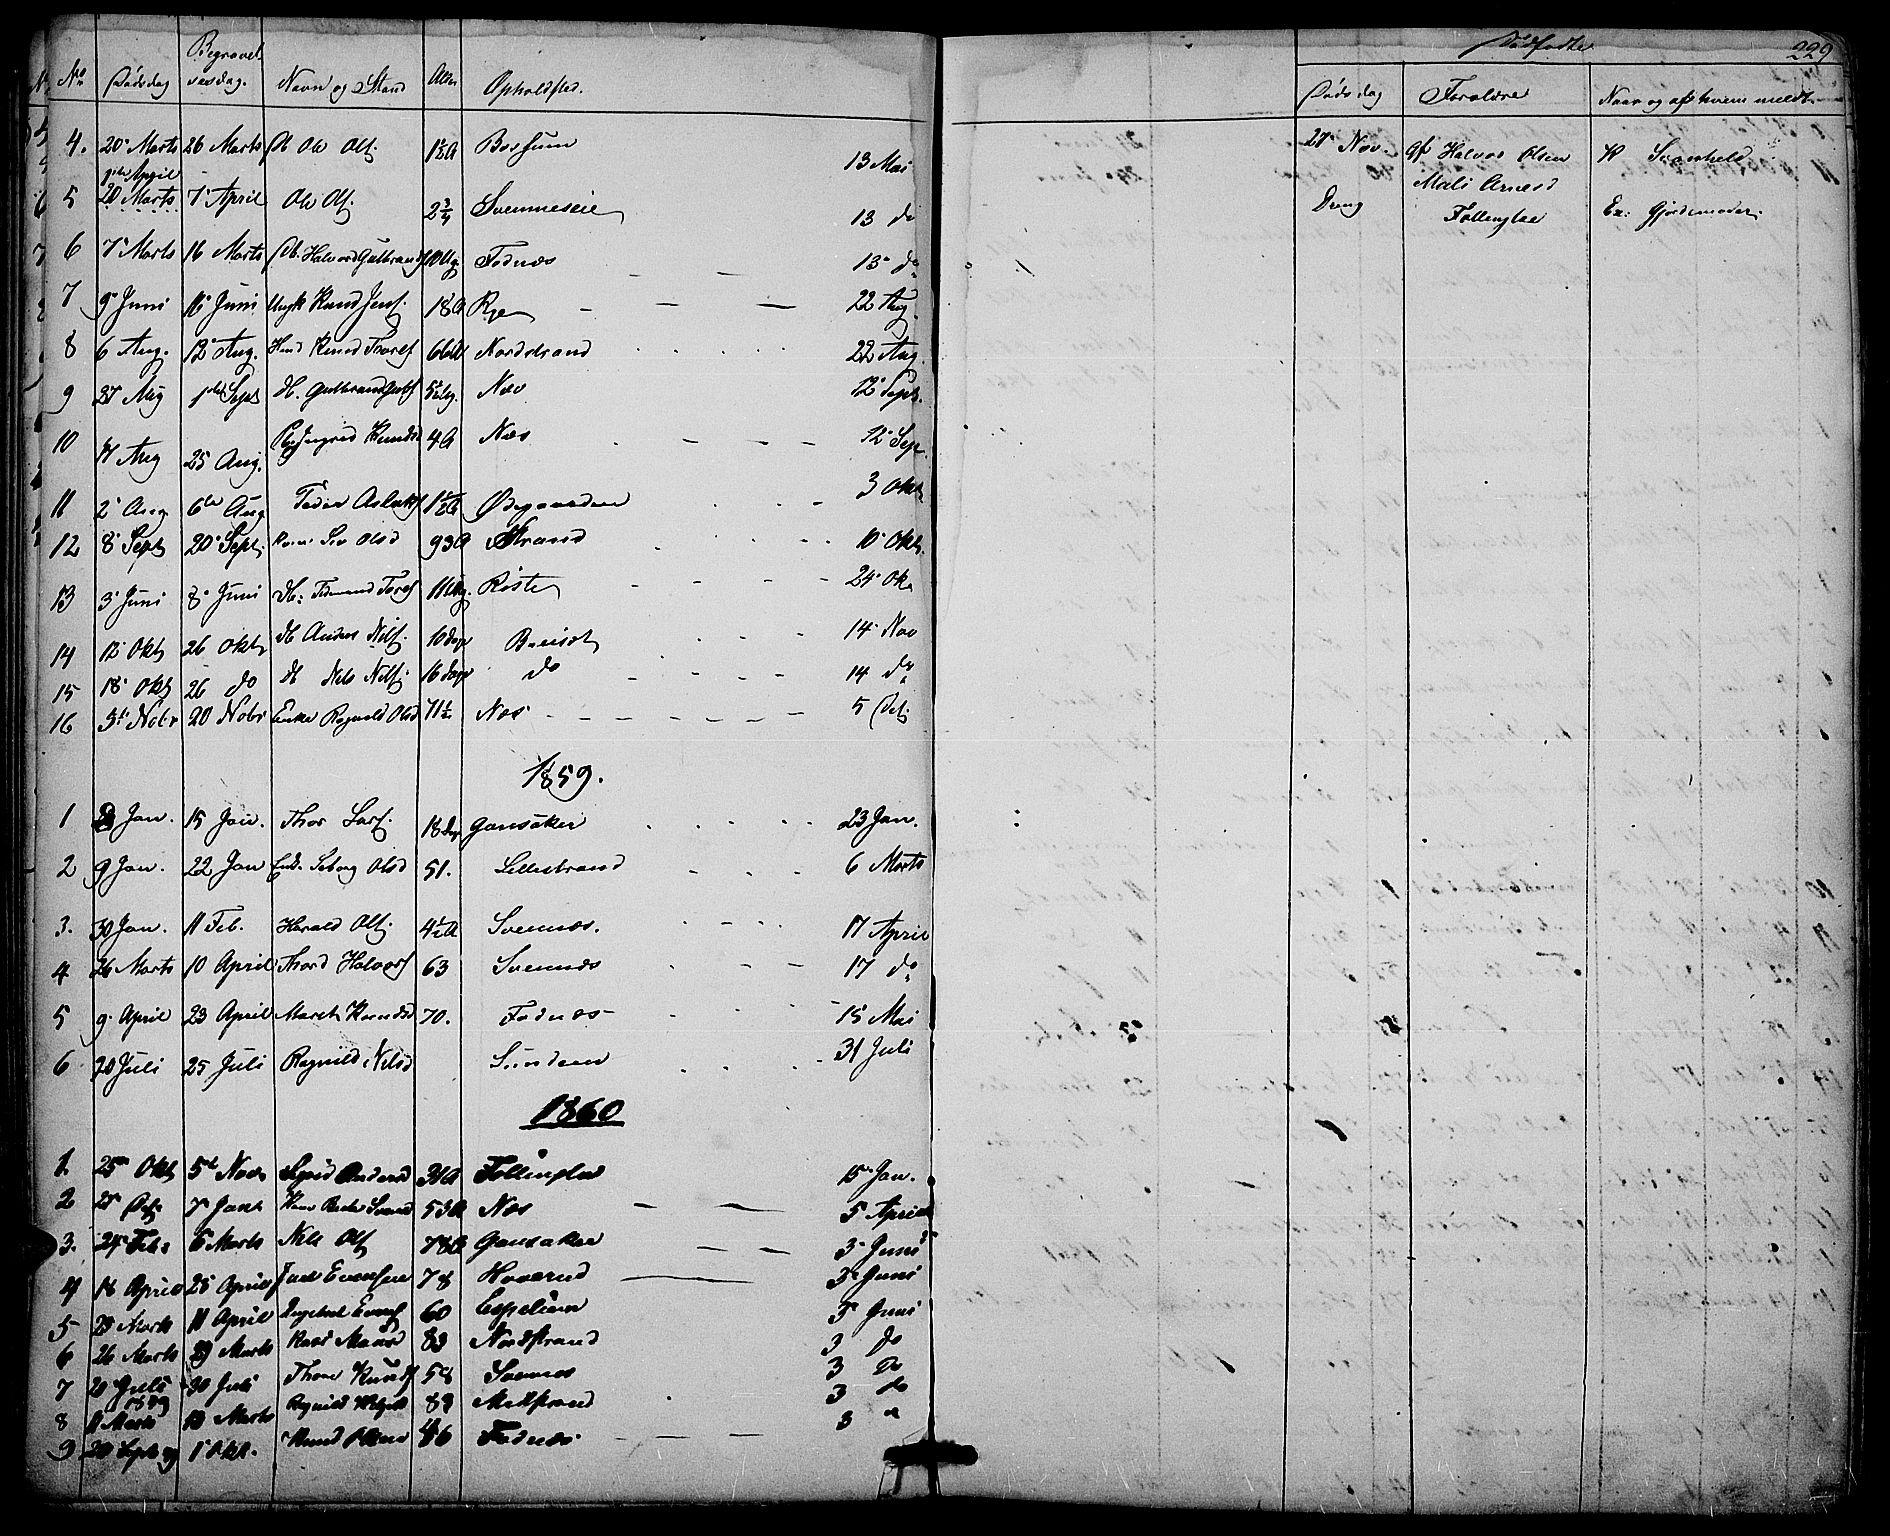 SAH, Nord-Aurdal prestekontor, Klokkerbok nr. 3, 1842-1882, s. 229